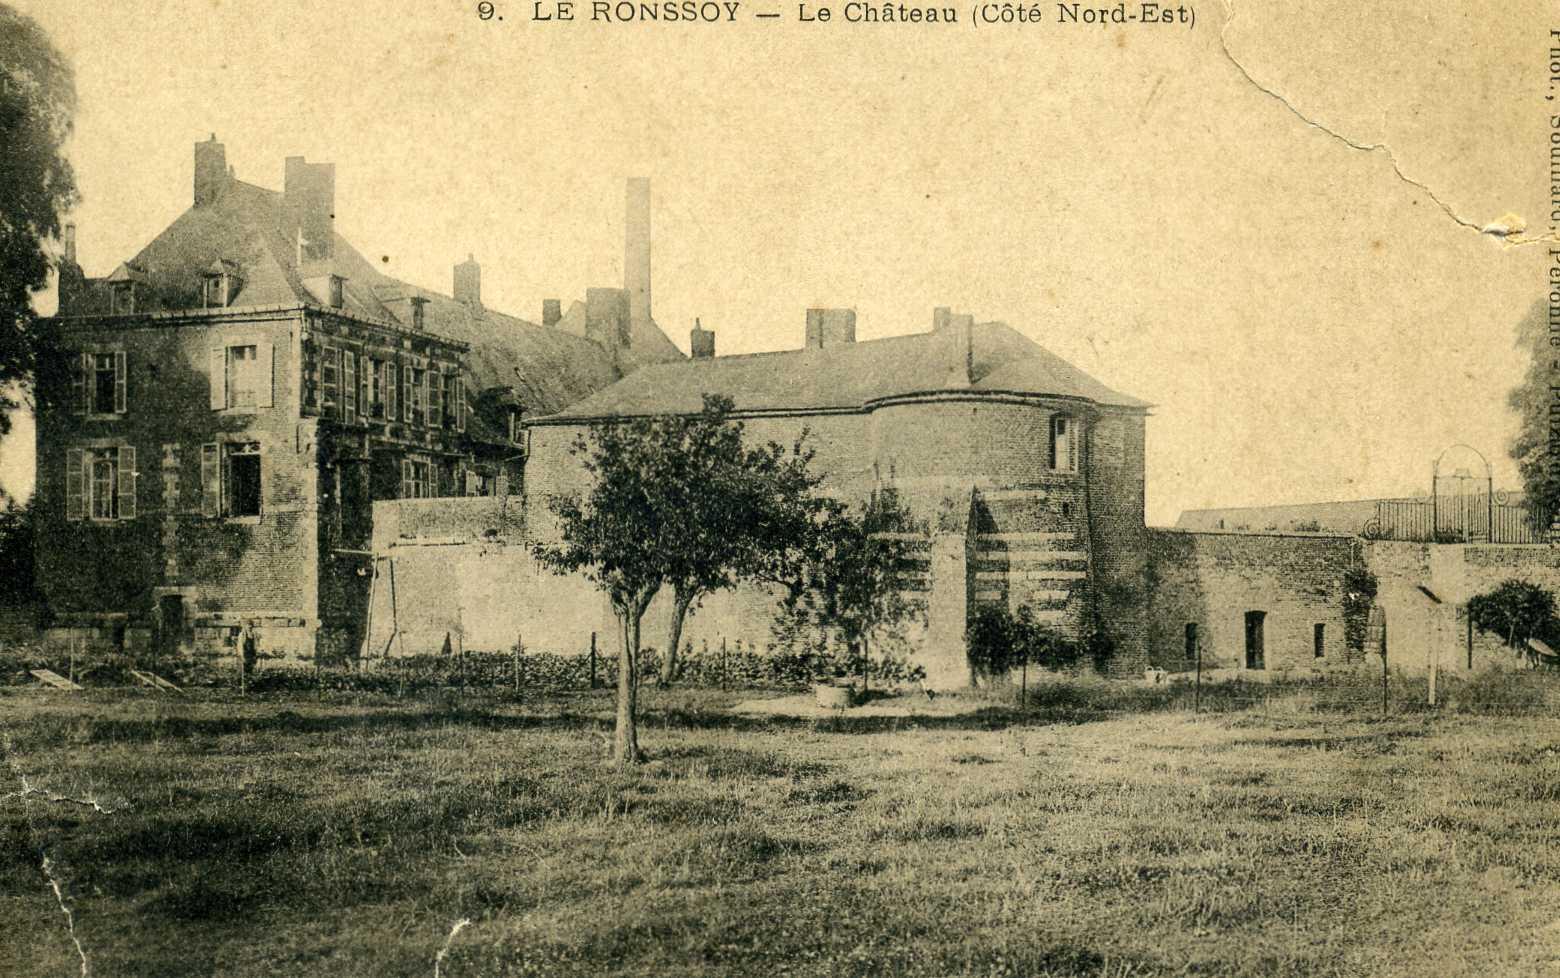 Le château côté nord est